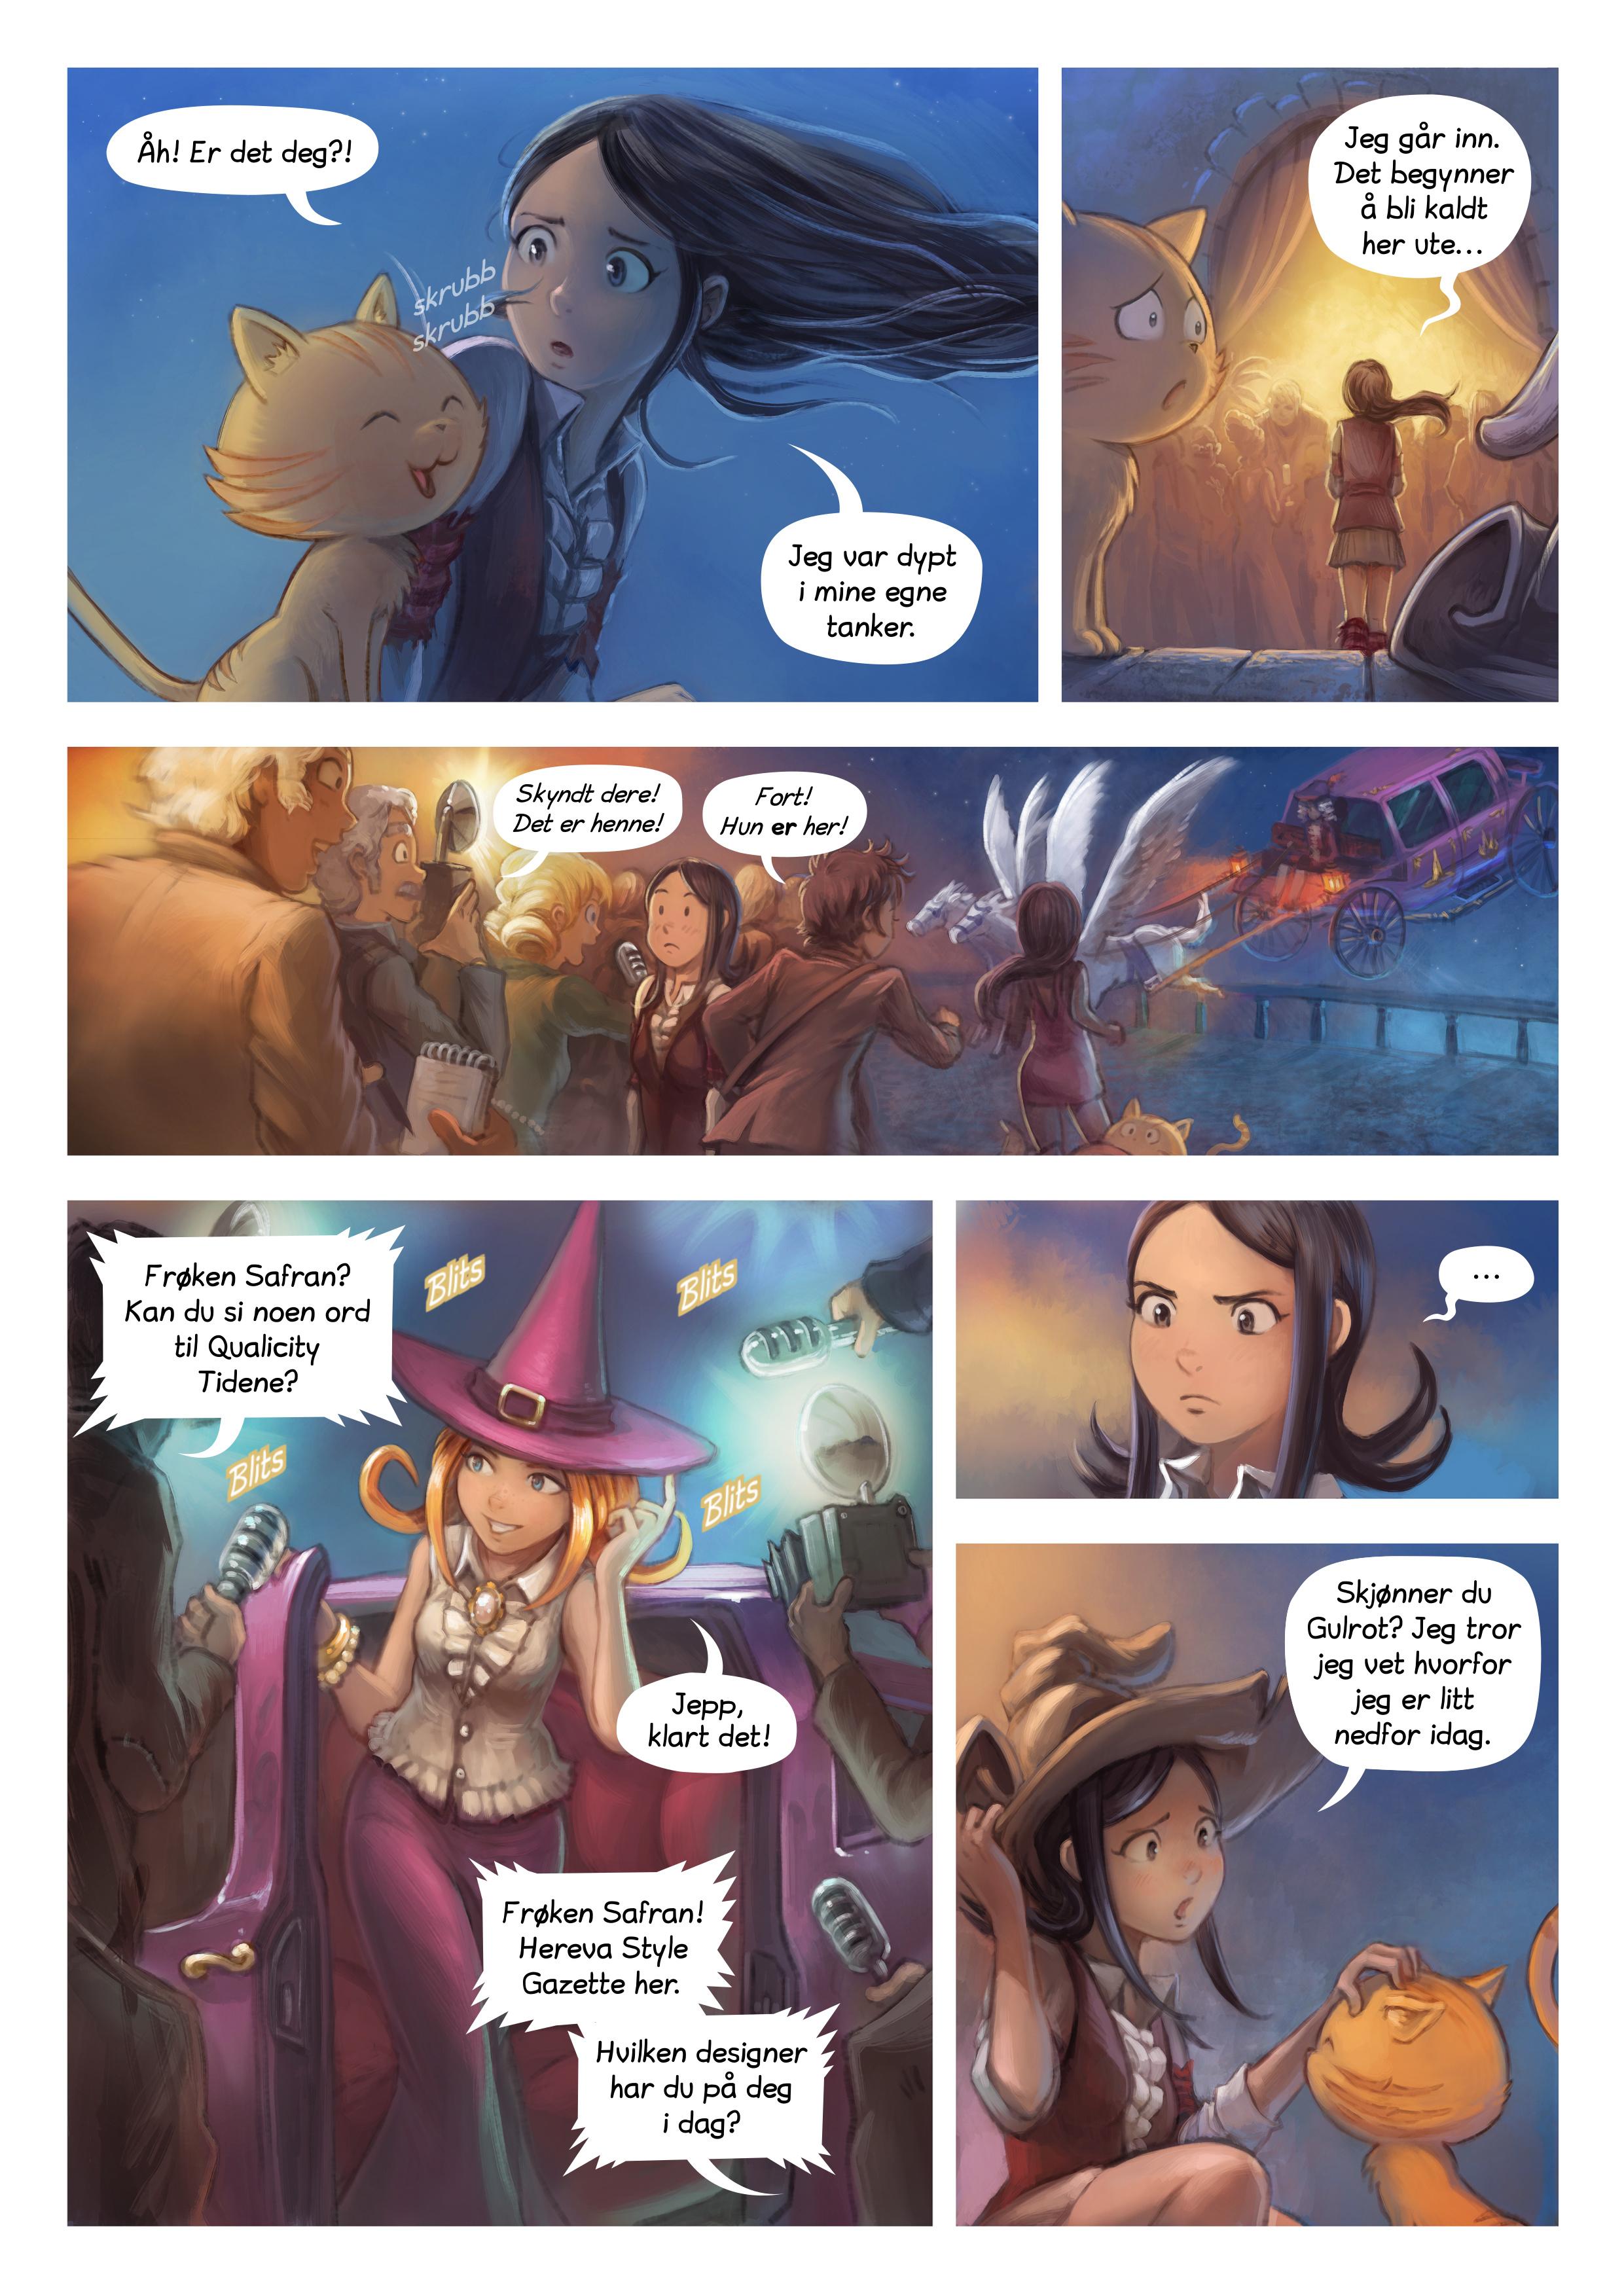 Episode 28: Festlighetene, Page 4